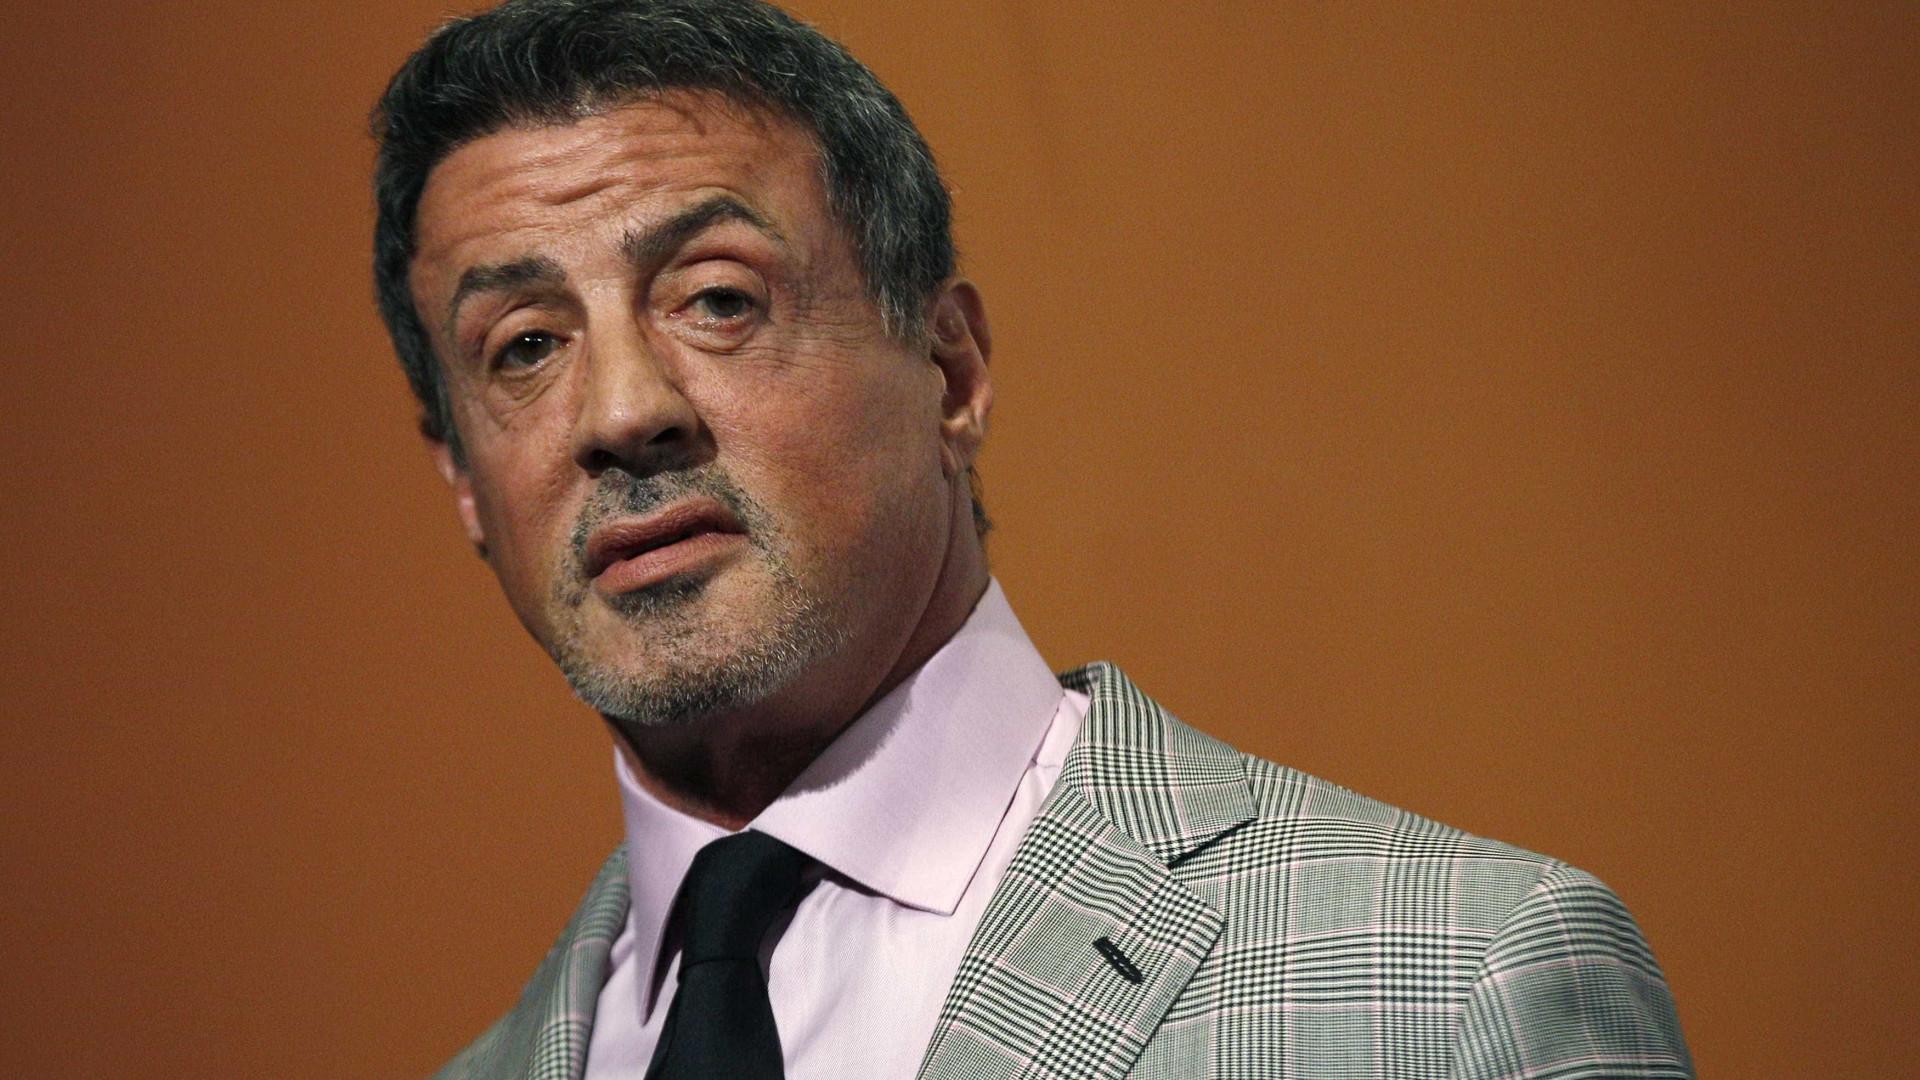 Sylvester Stallone acusado de abusar sexualmente de uma fã de 16 anos